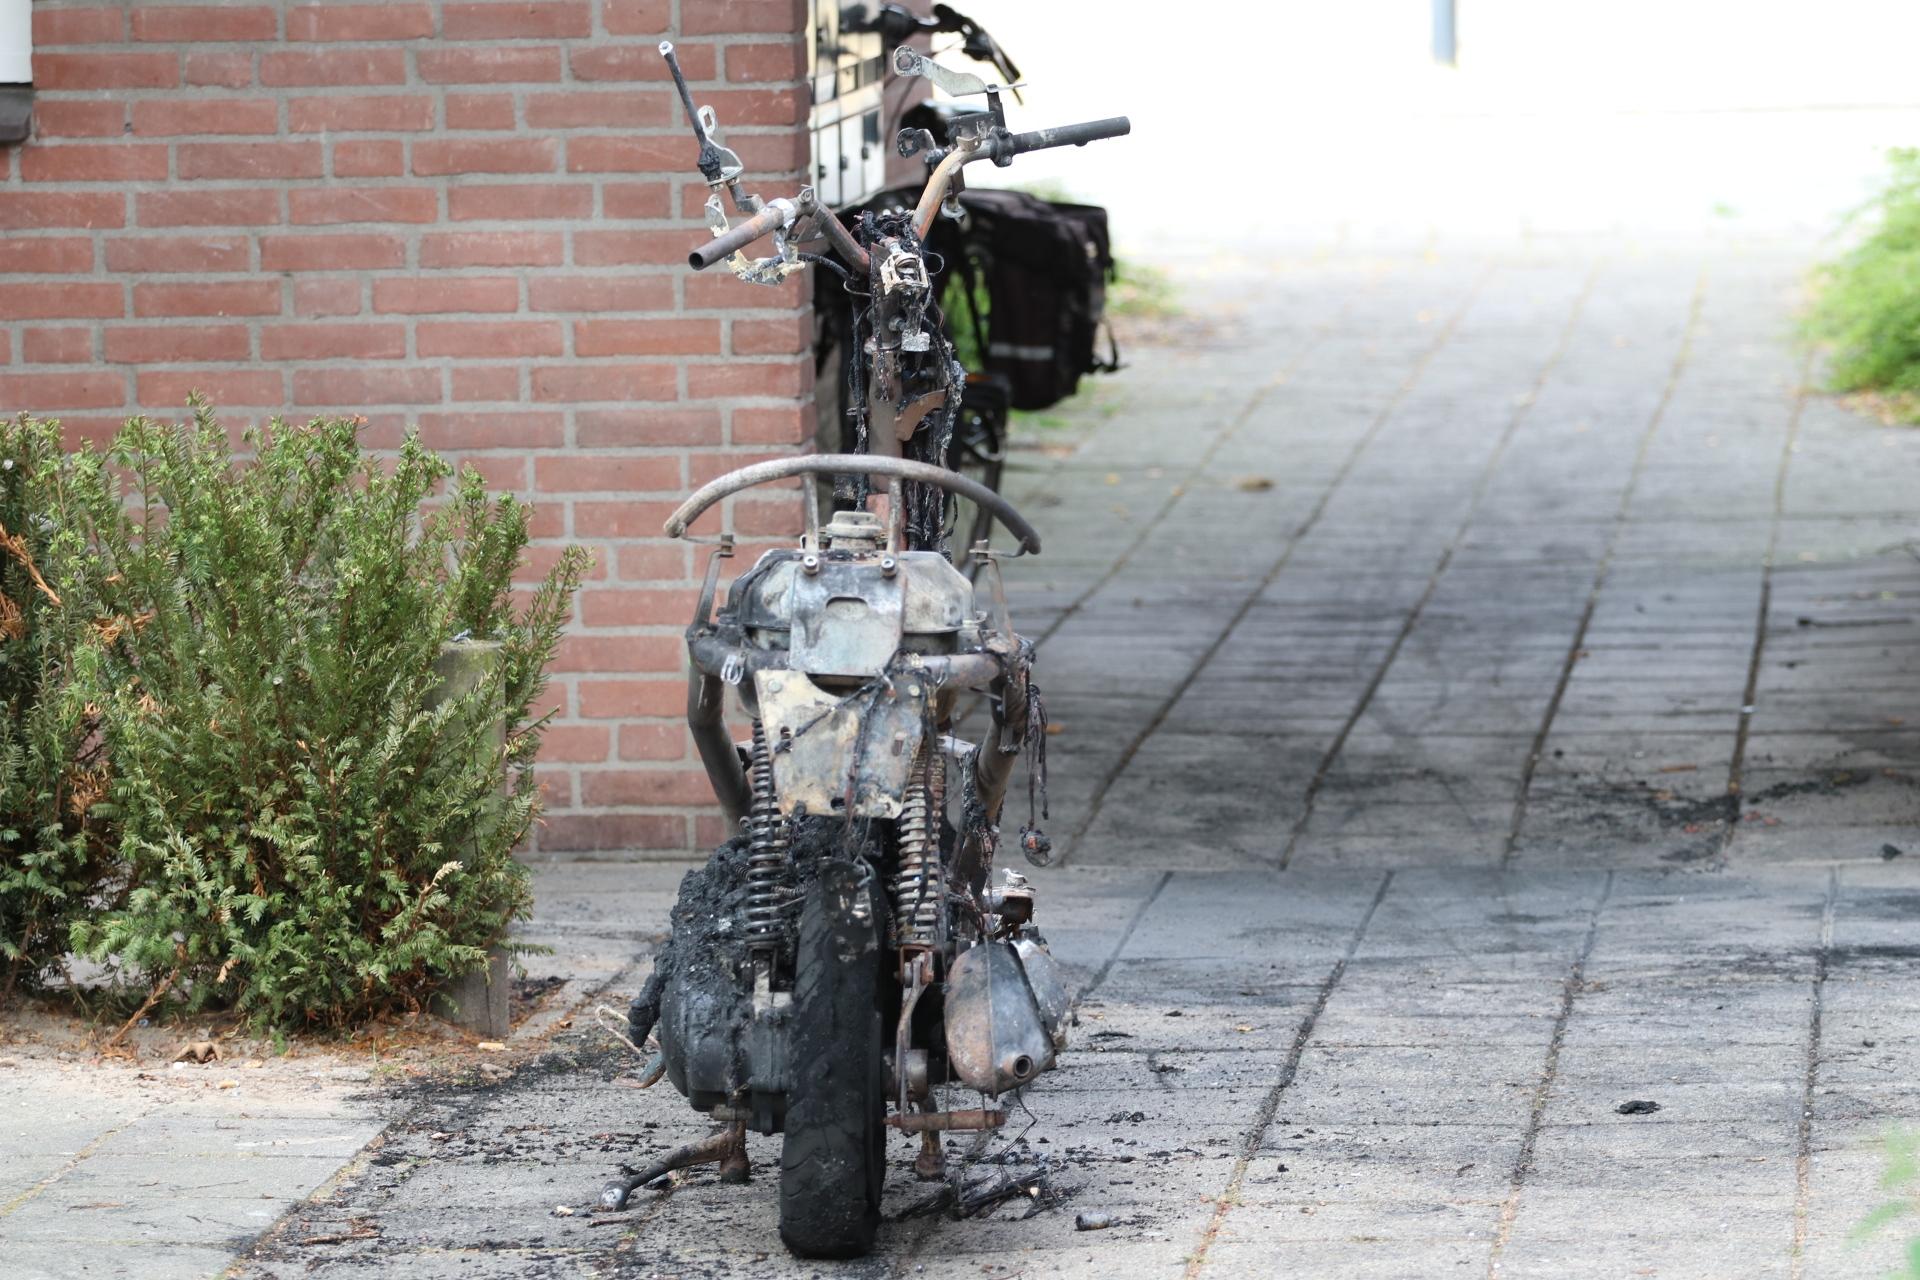 Brandende scooter richt forse schade aan